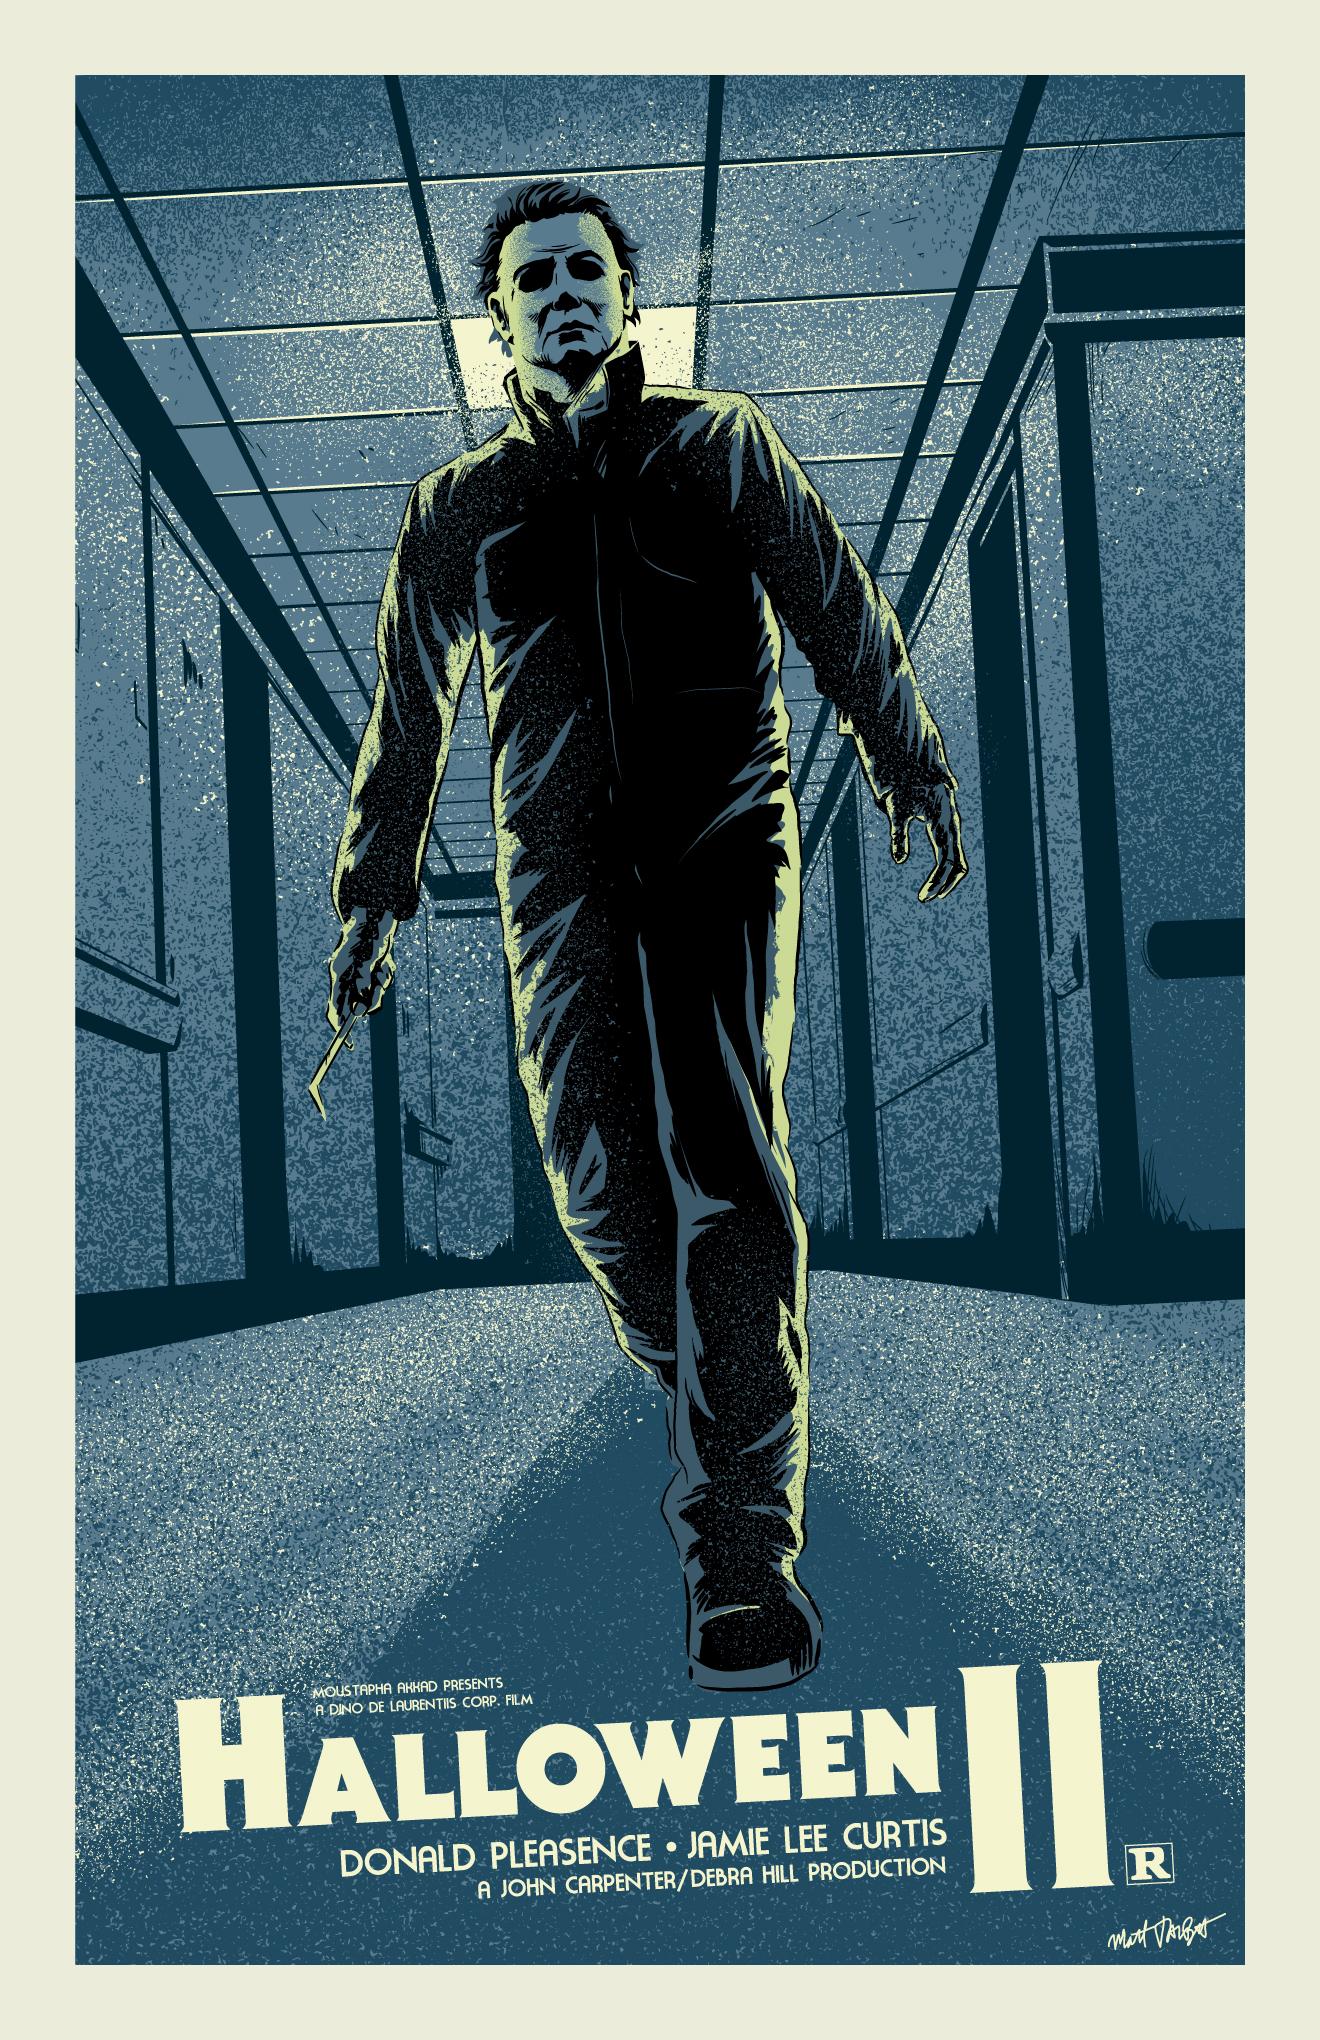 Halloween II (1981) poster by Matt Talbot